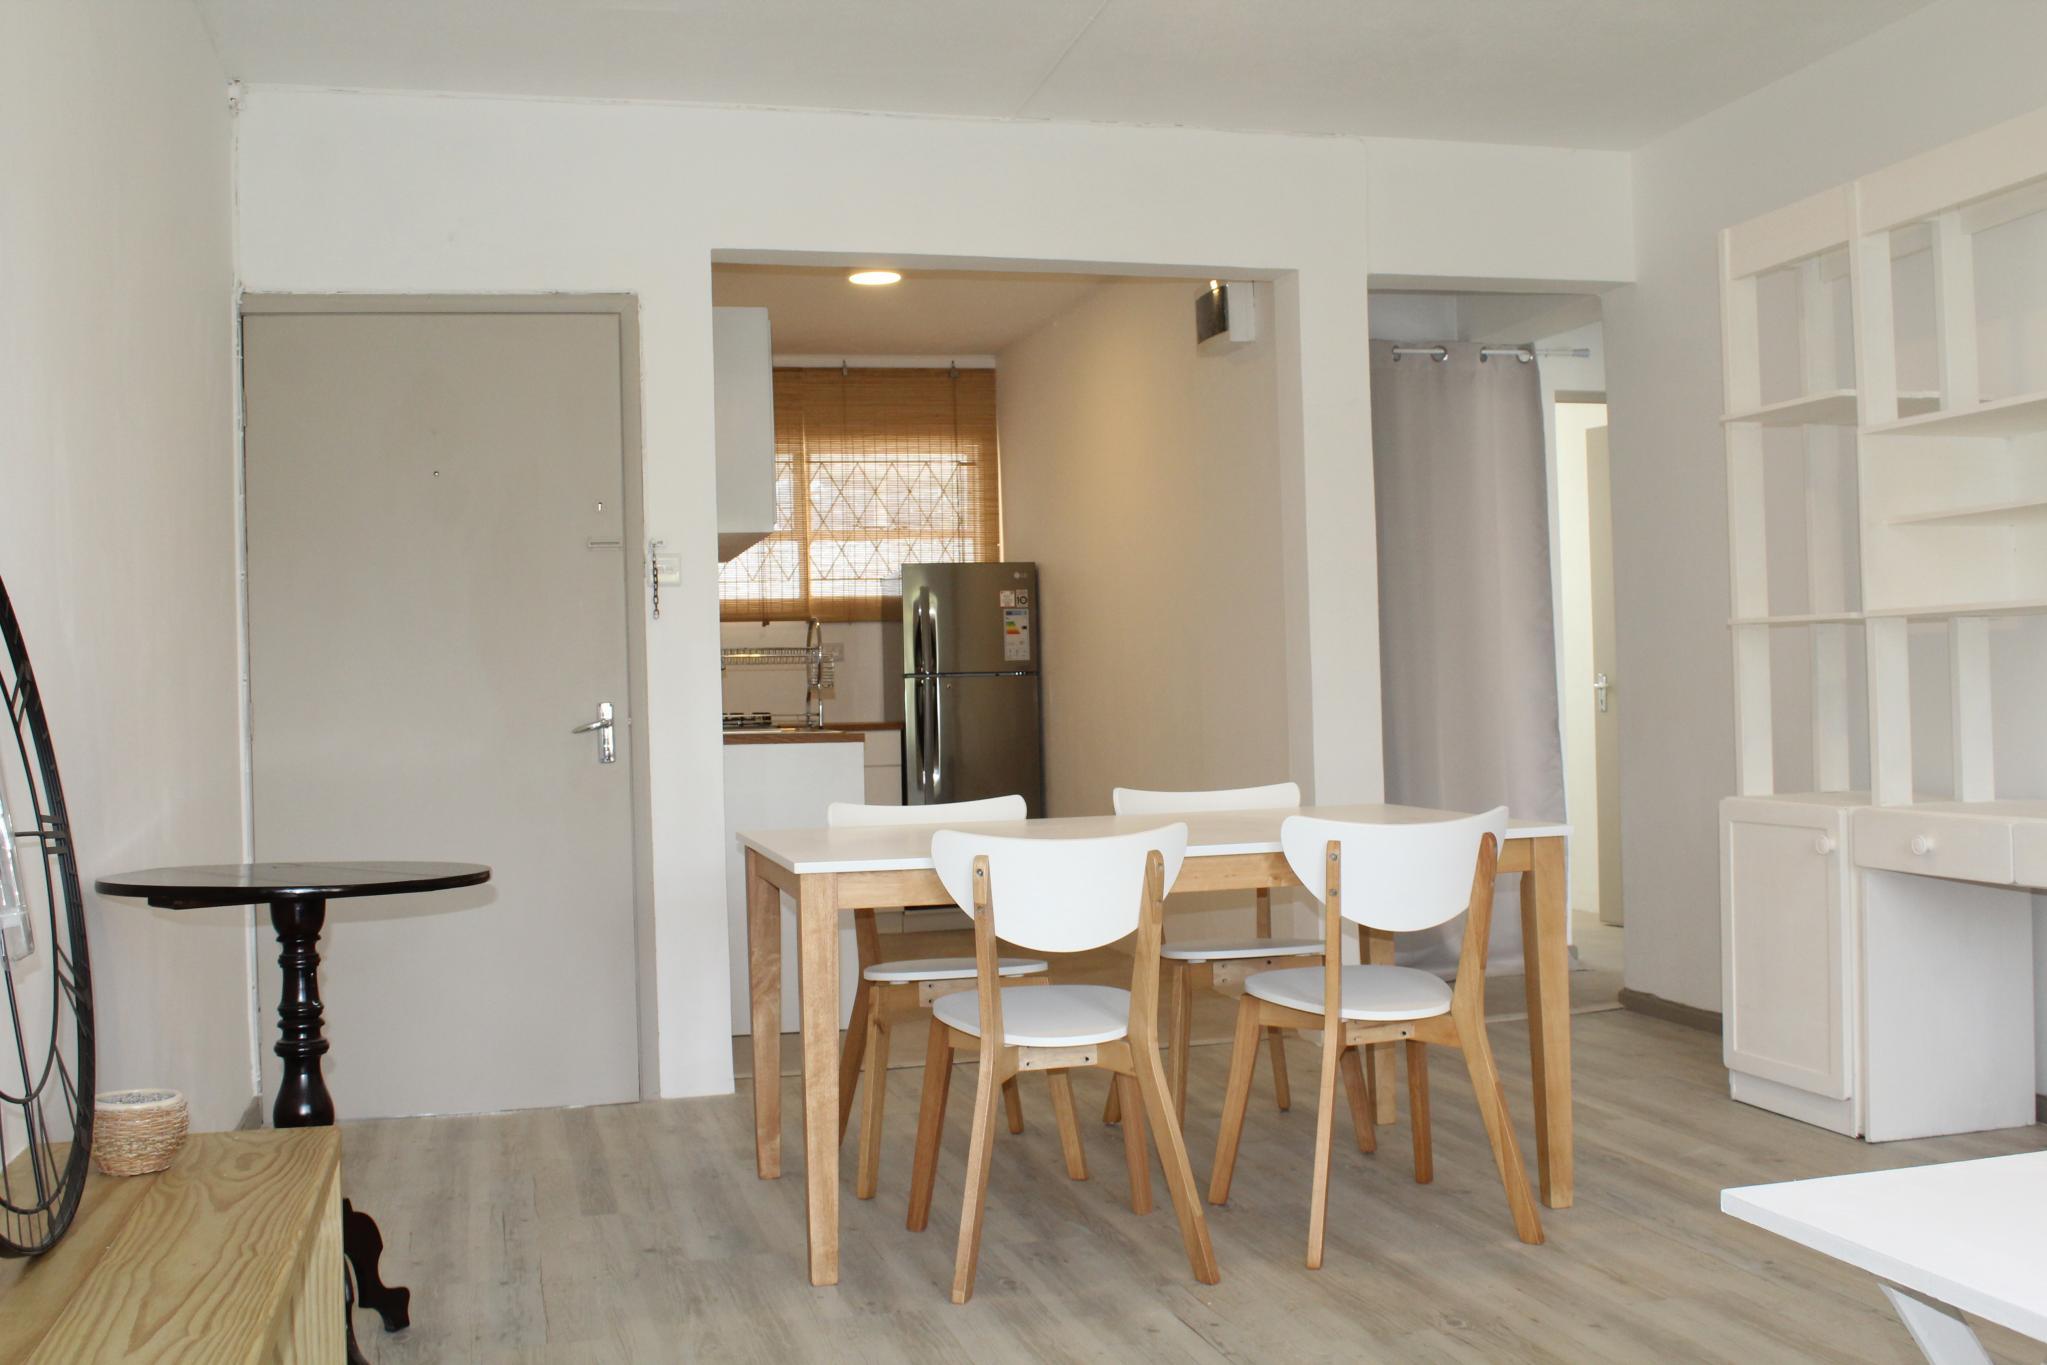 A VENDRE – Magnifique appartement non meublé de 59 m2 est situé au 2ème étage (sans ascenseur) d'une résidence proche de toutes commodités à Curepipe.